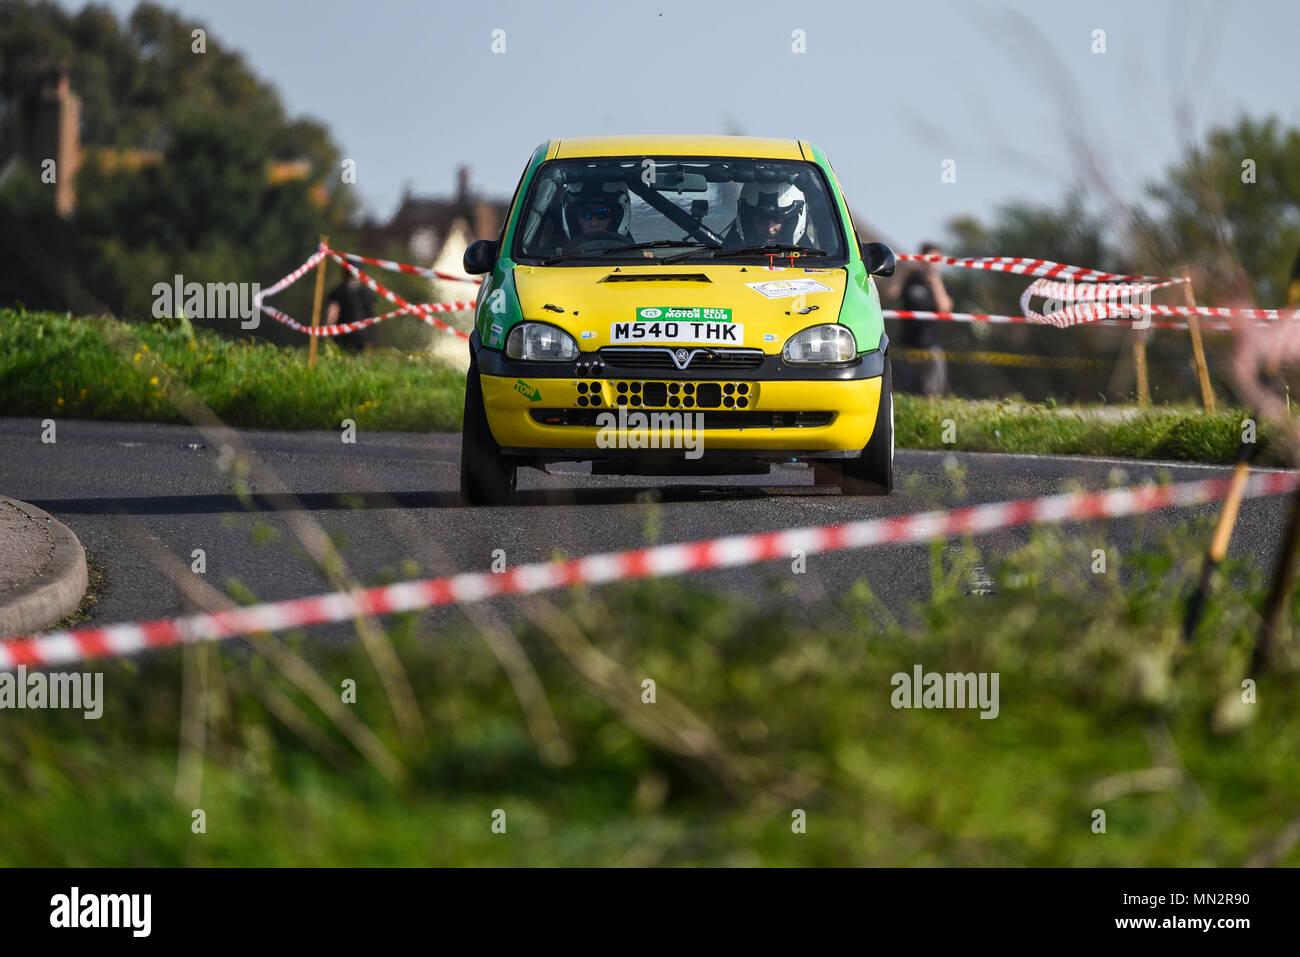 Mark Blackmore conductor Matt Blackmore copiloto racing Vauxhall Corsa en el camino público cerrado Corbeau asientos Car Rally Tendring y Clacton, Essex, Reino Unido Imagen De Stock